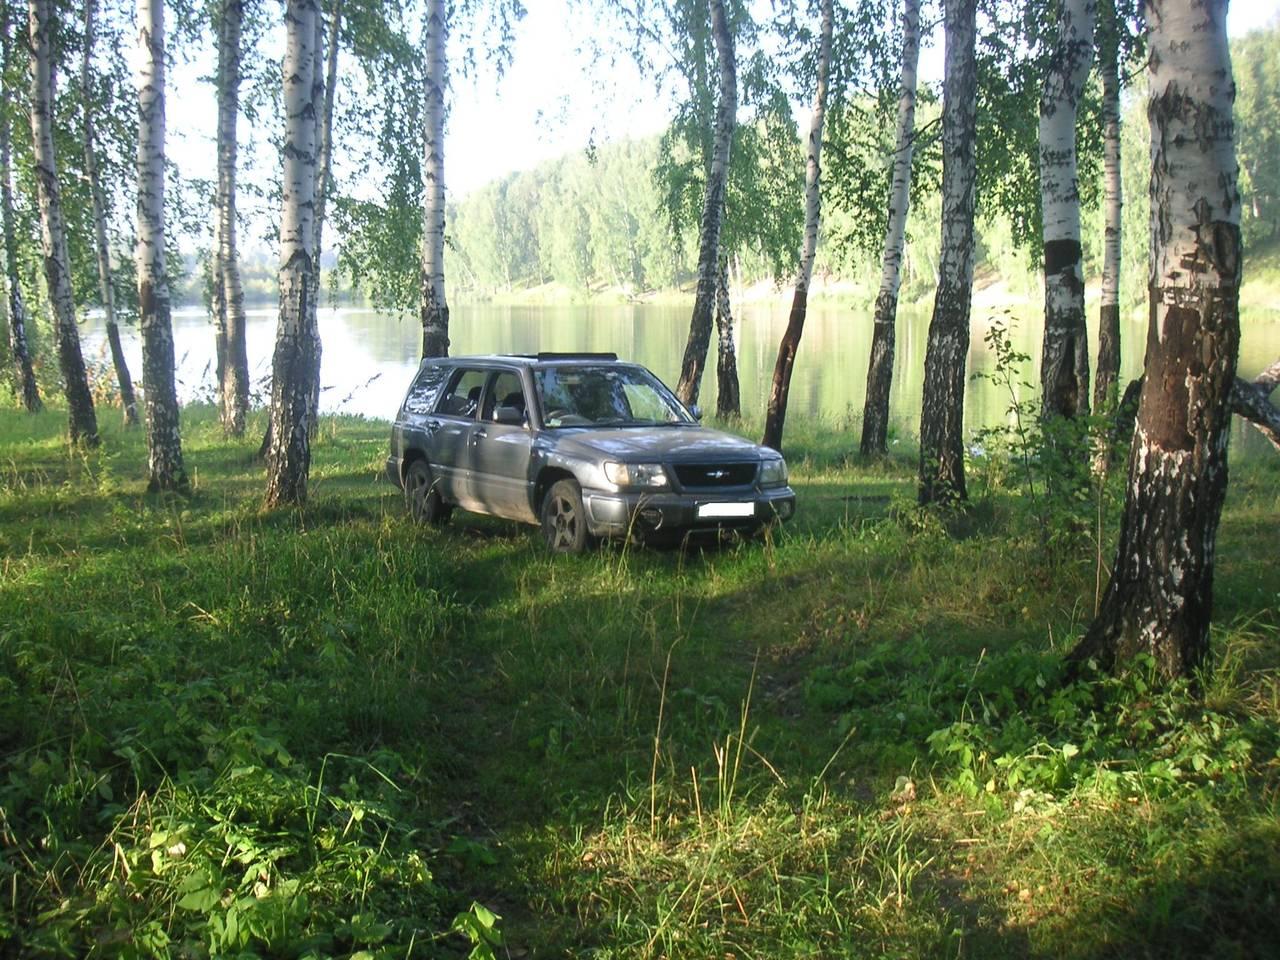 автокаталоги запчастей для иномарок онлайн новосибирск